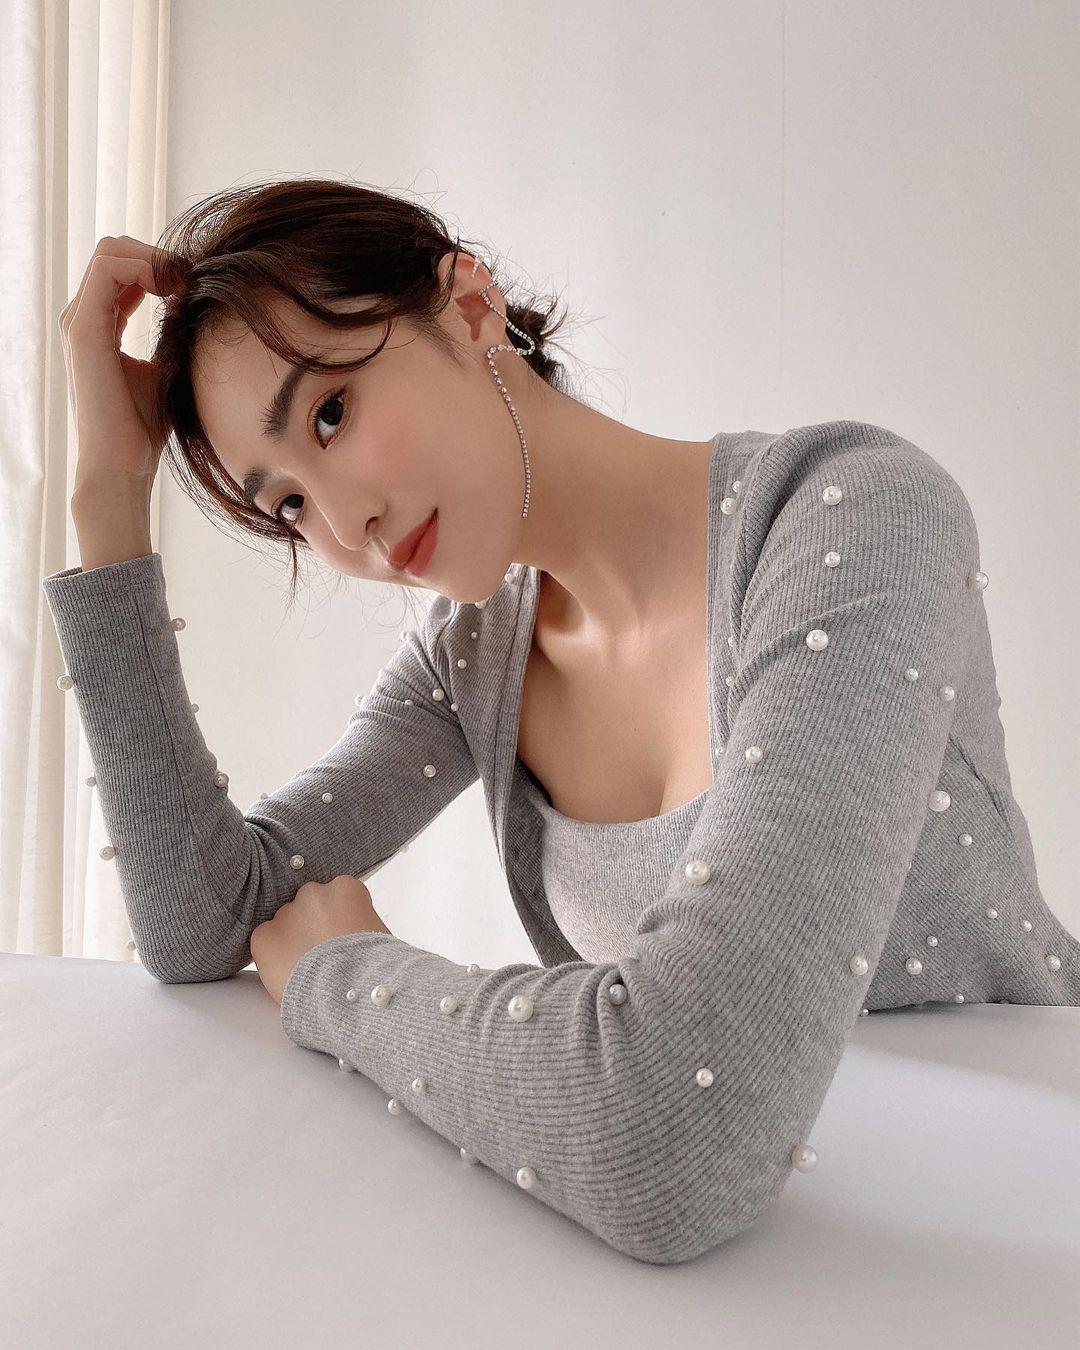 《康熙来了》的表特美女蔡沁妍,高颜值&高学历,外型酷似吴佩慈